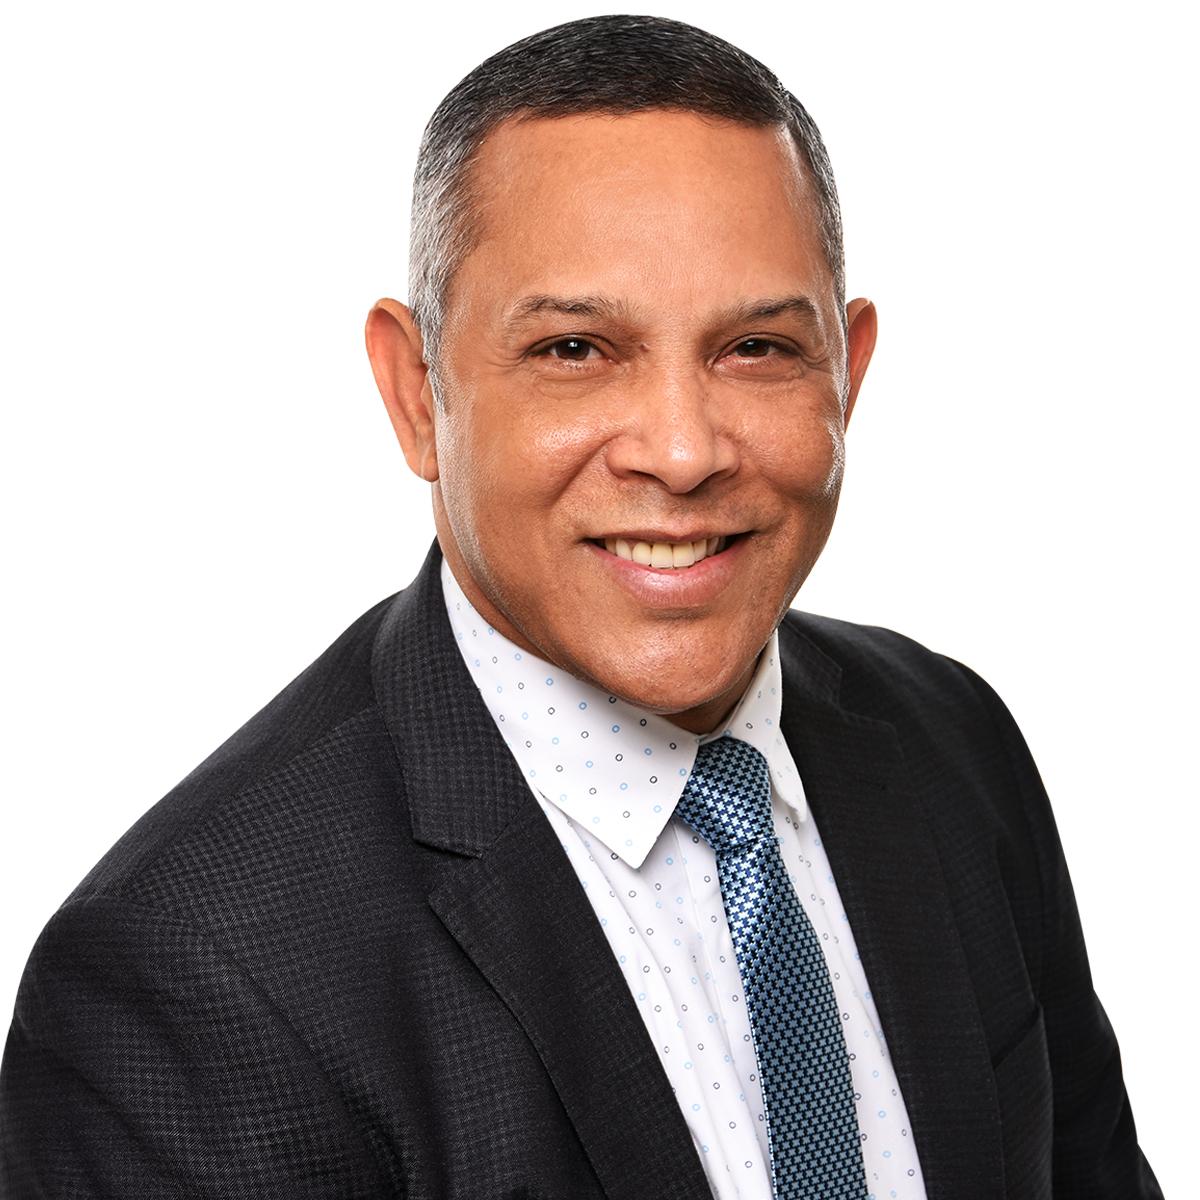 Franklin Romero exhorta a los dominicanos a acudir a votar por el cambio